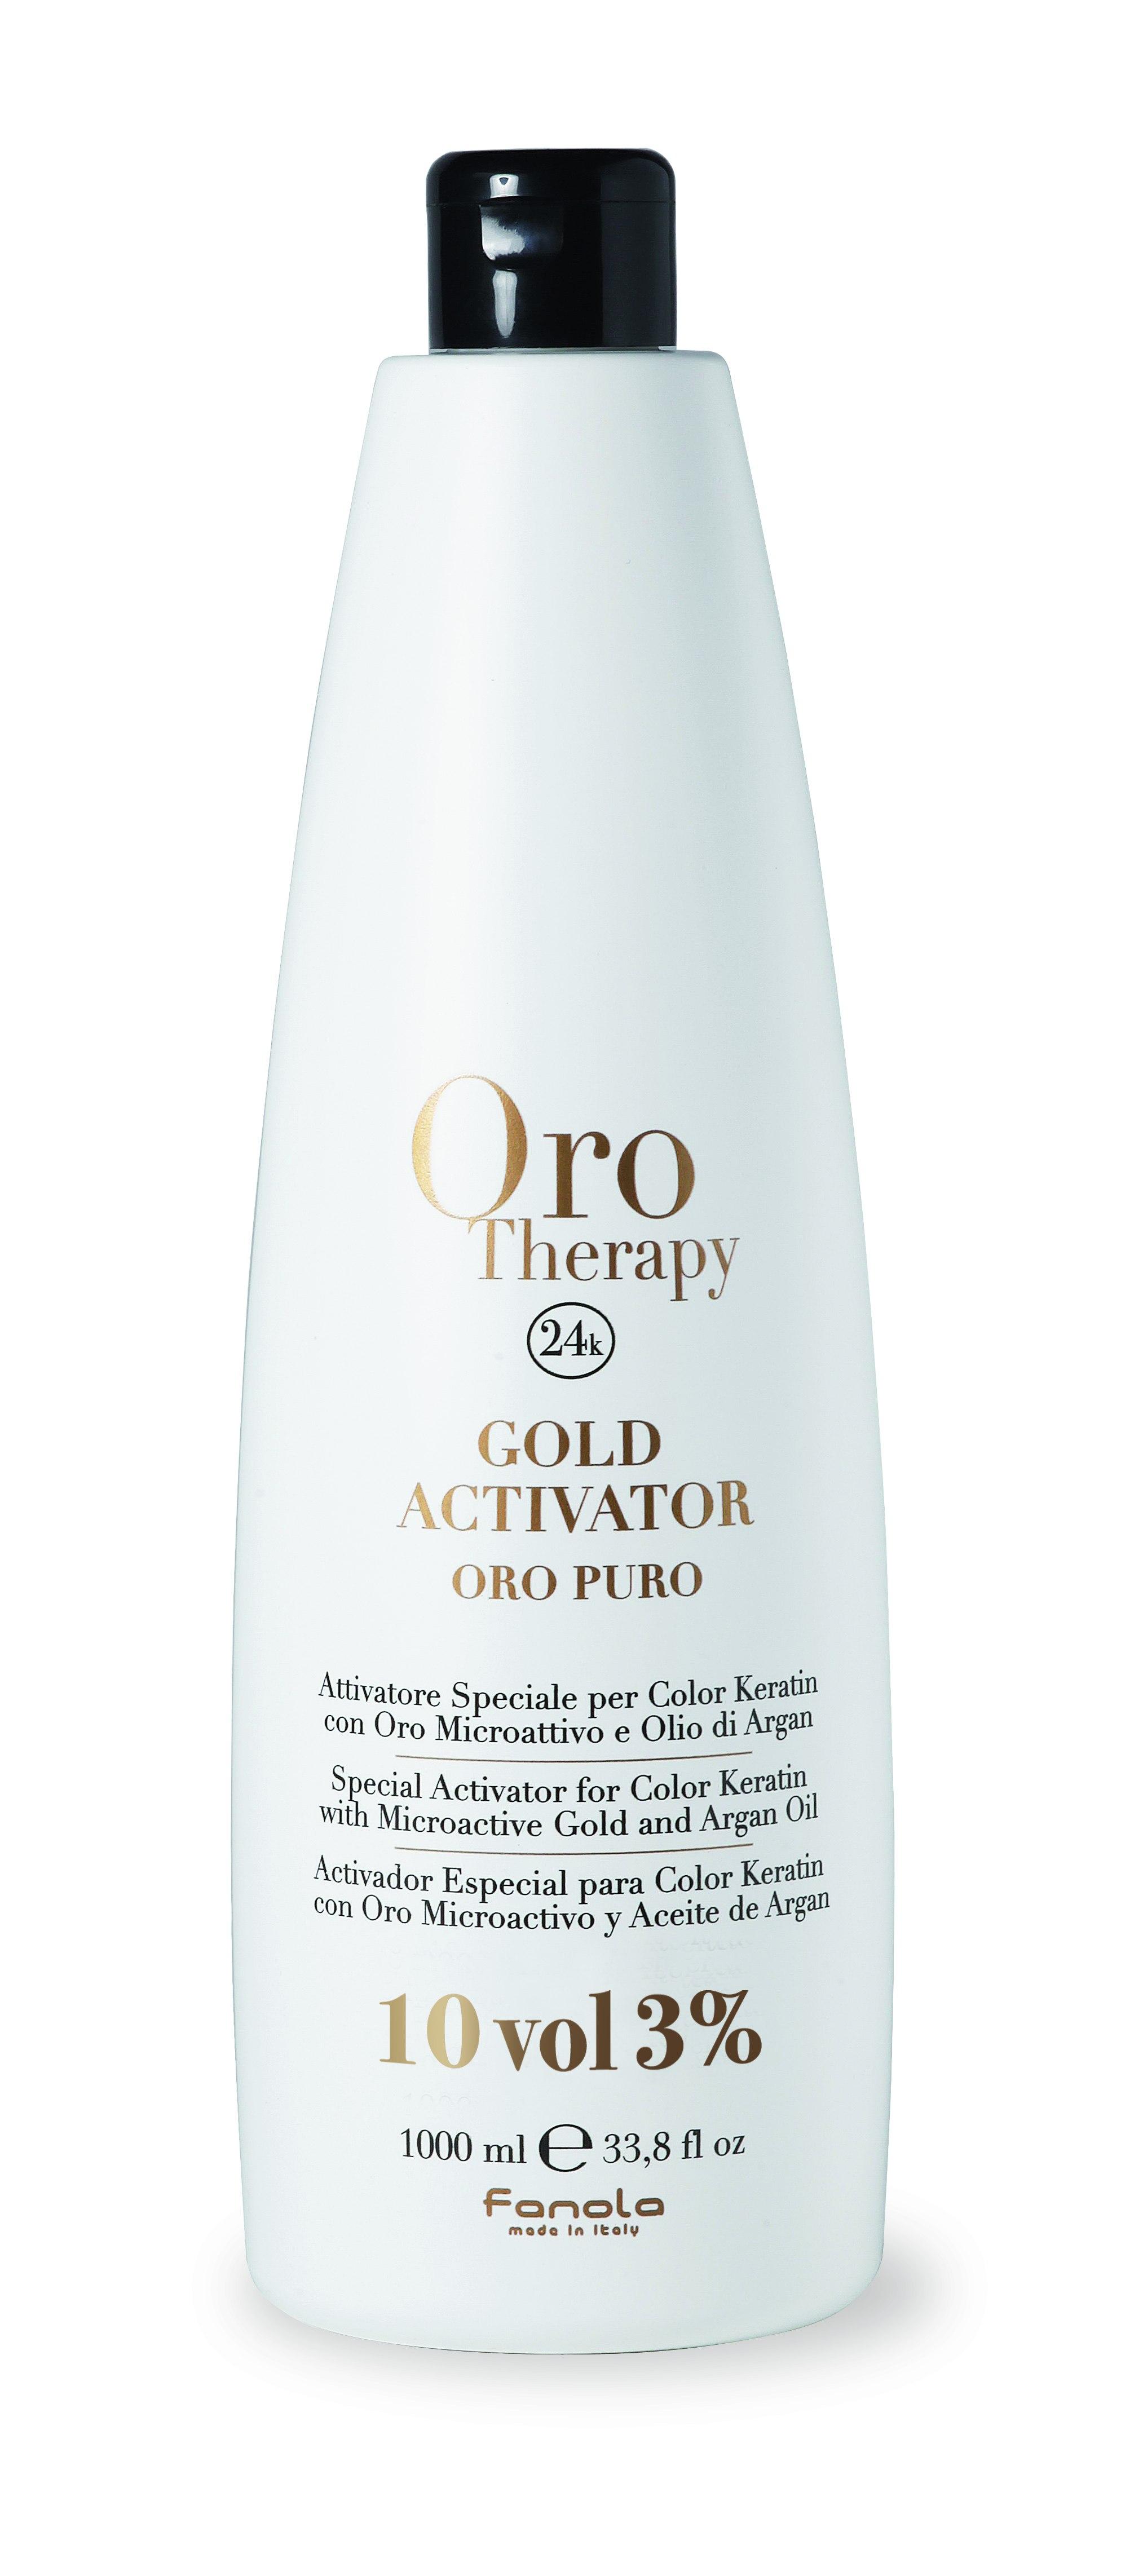 Fanola ORO PURO Therapy Gold Activator 1 L